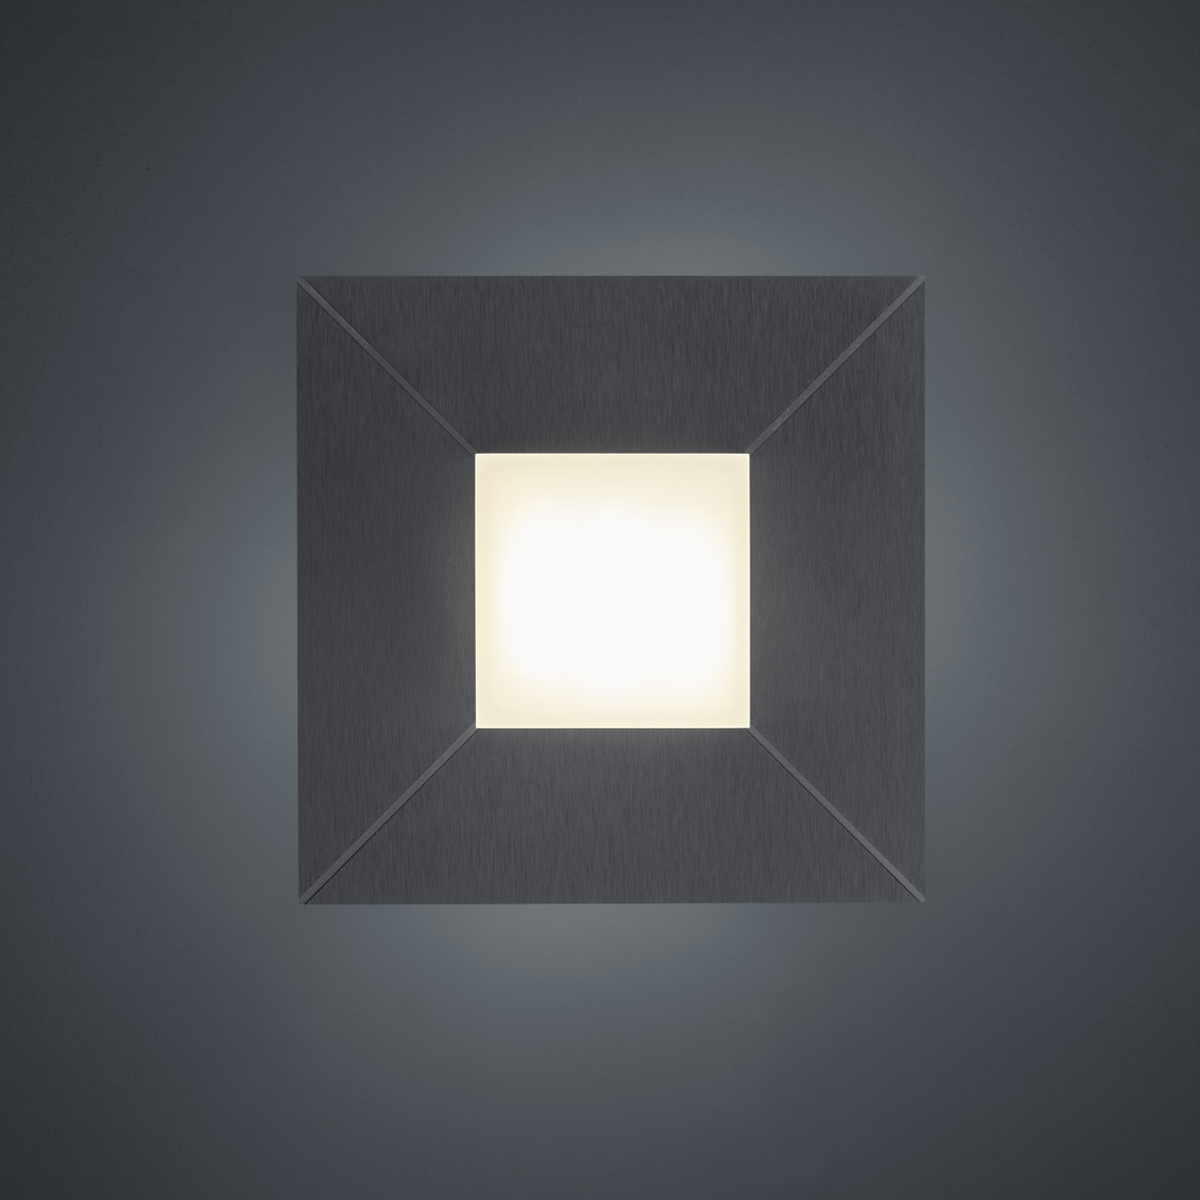 BANKAMP Leuchtenmanufaktur Artikel von BANKAMP Leuchtenmanufaktur LED-Deckenleuchte Diamond 7699/1-39